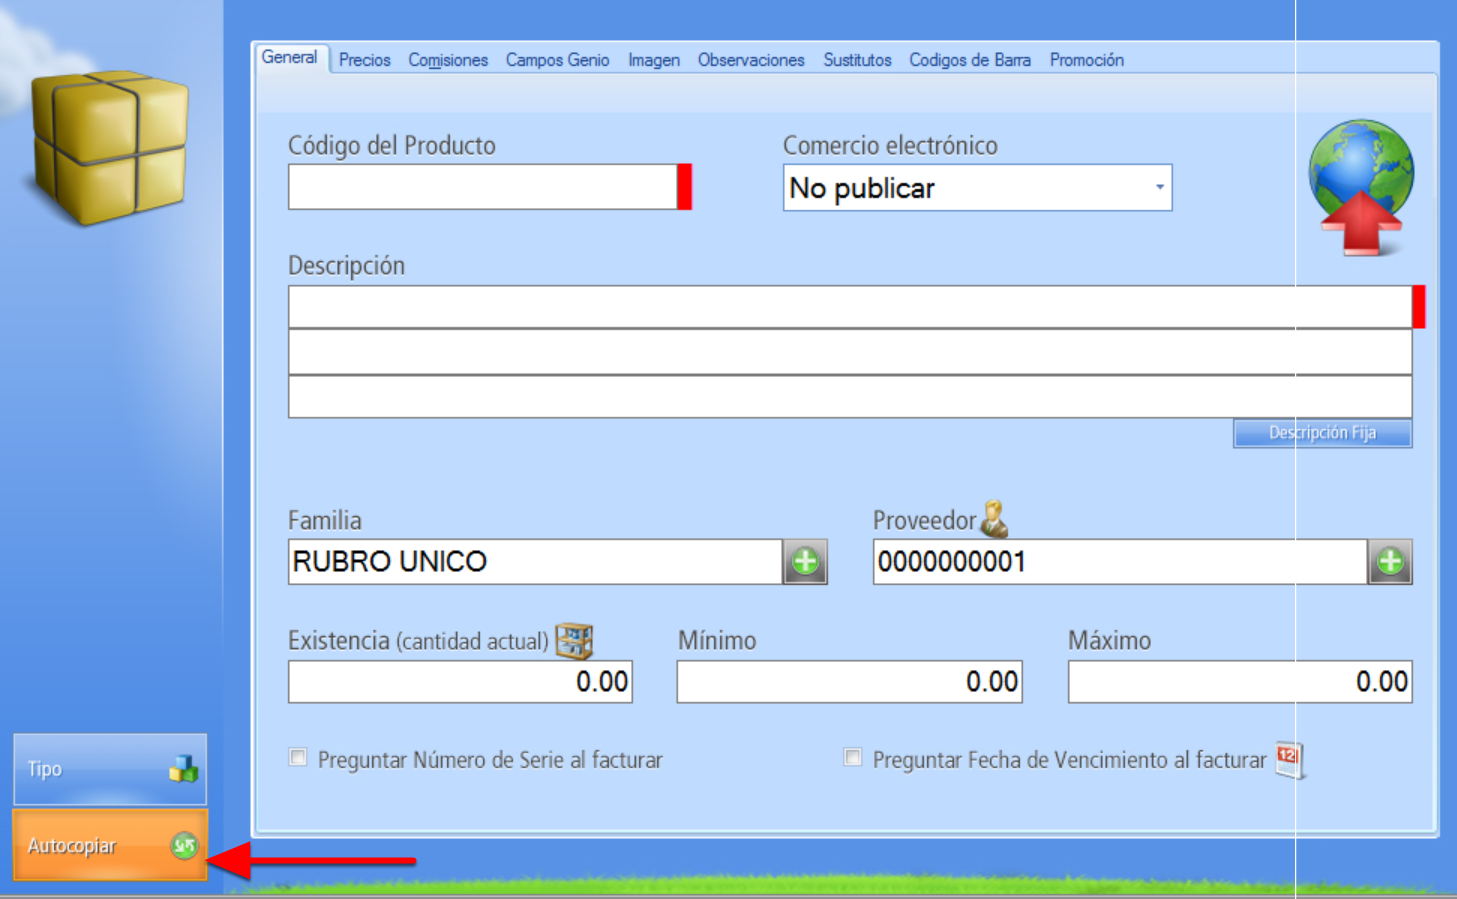 Registro de Nuevo producto – Botón Autocopiar Activado